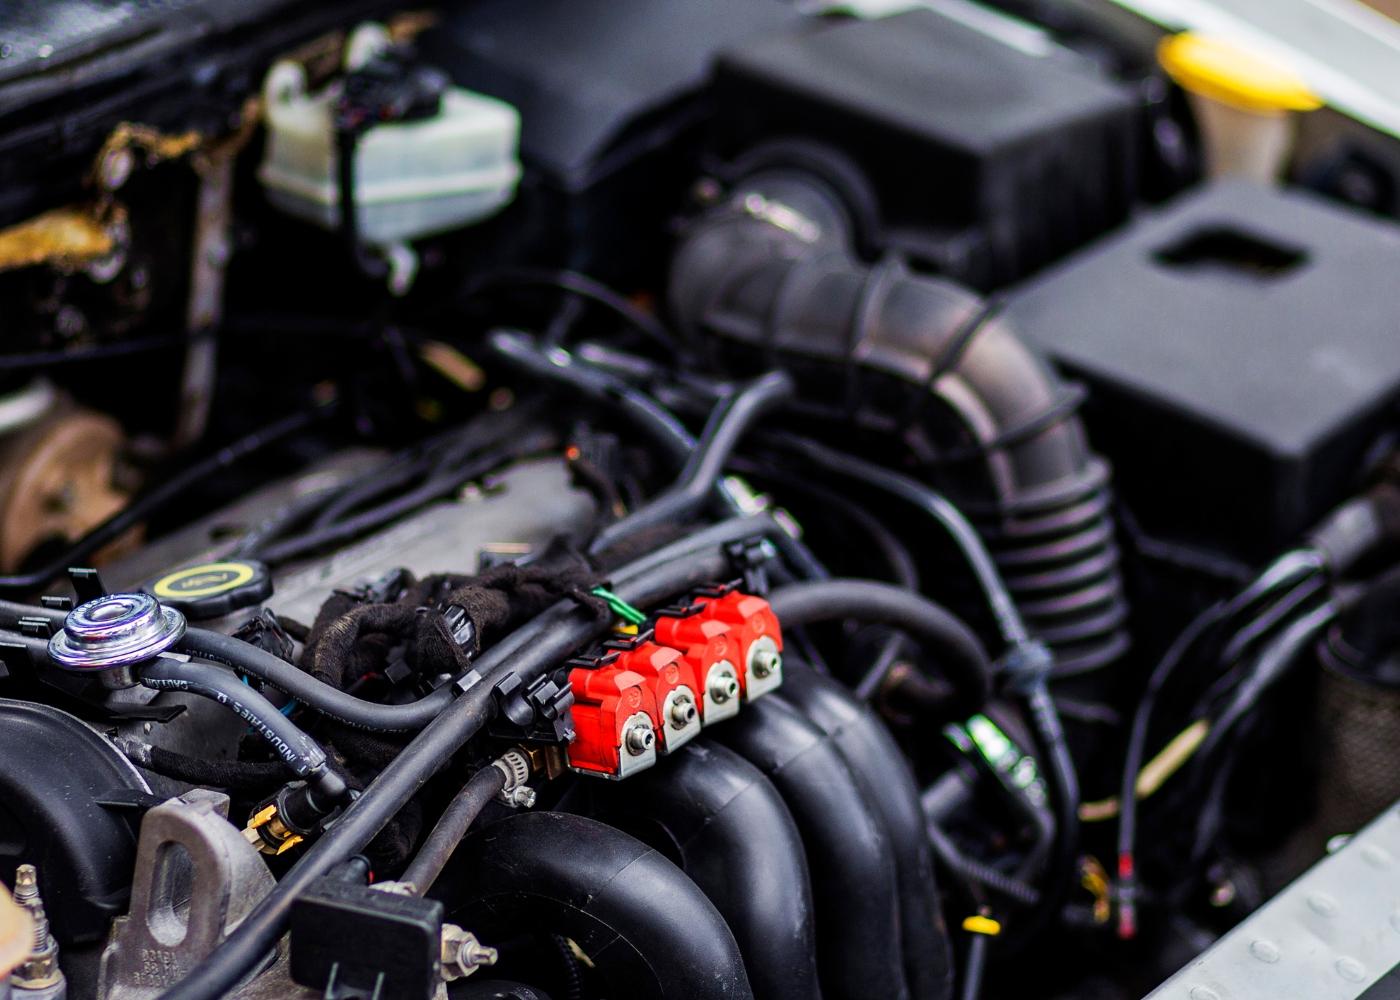 motor de um carro com problemas nos injetores